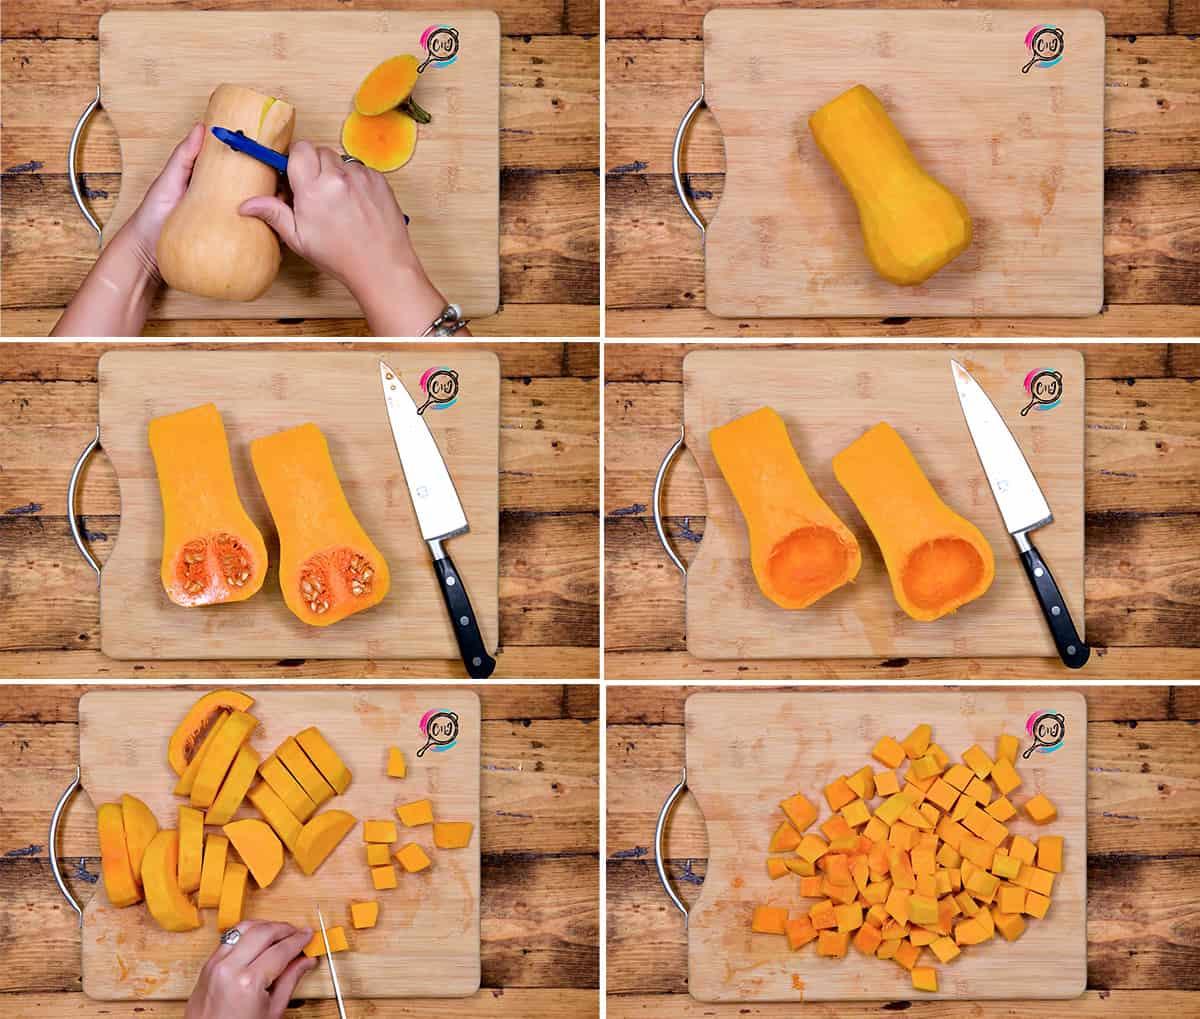 Picture showing how yo cut butternut squash.